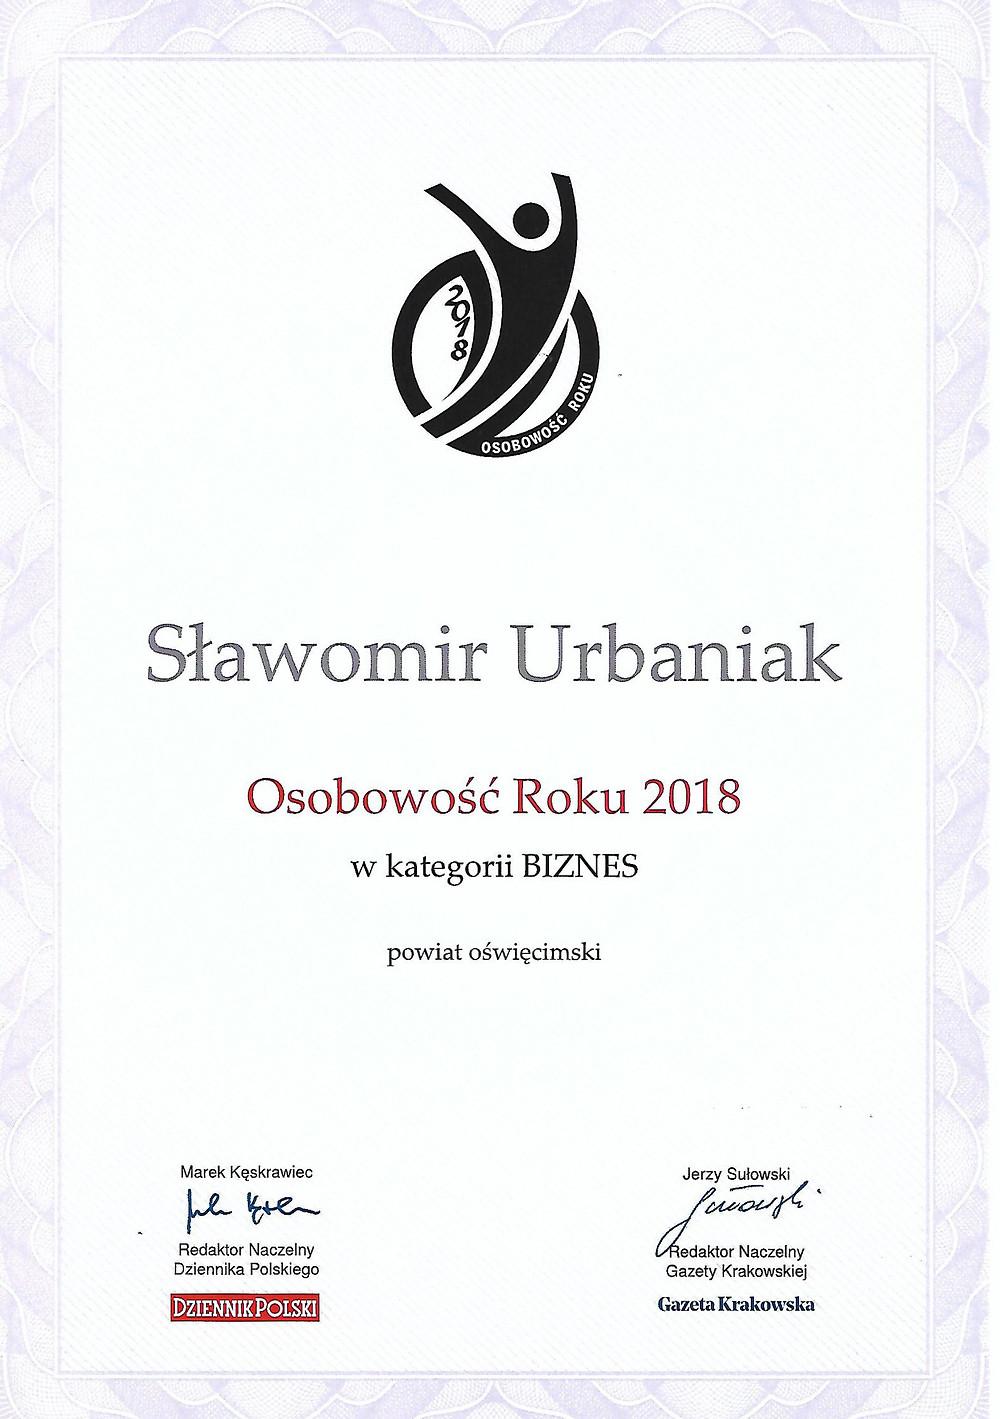 Dyplom - Sławomir Urbaniak - Osobowość Roku w kategorii biznes 2018w powiecie oświęcimskim Dronteam